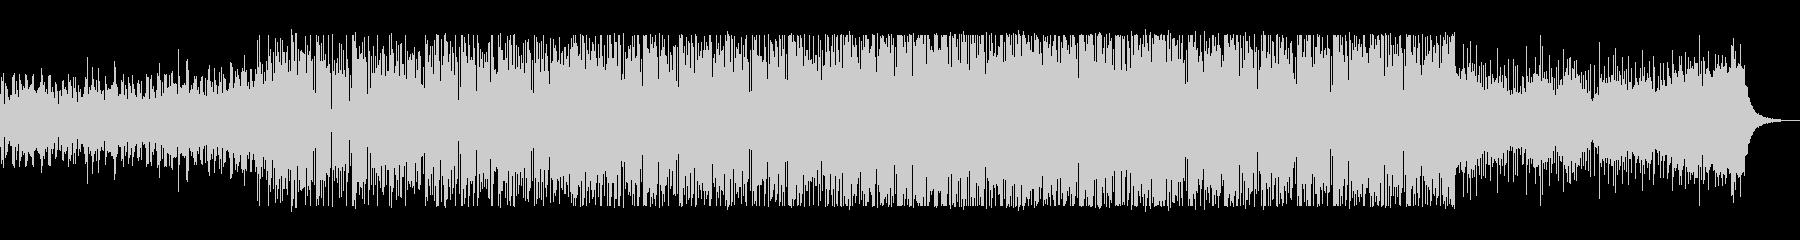 ラテン系のノリノリなサウンドの未再生の波形